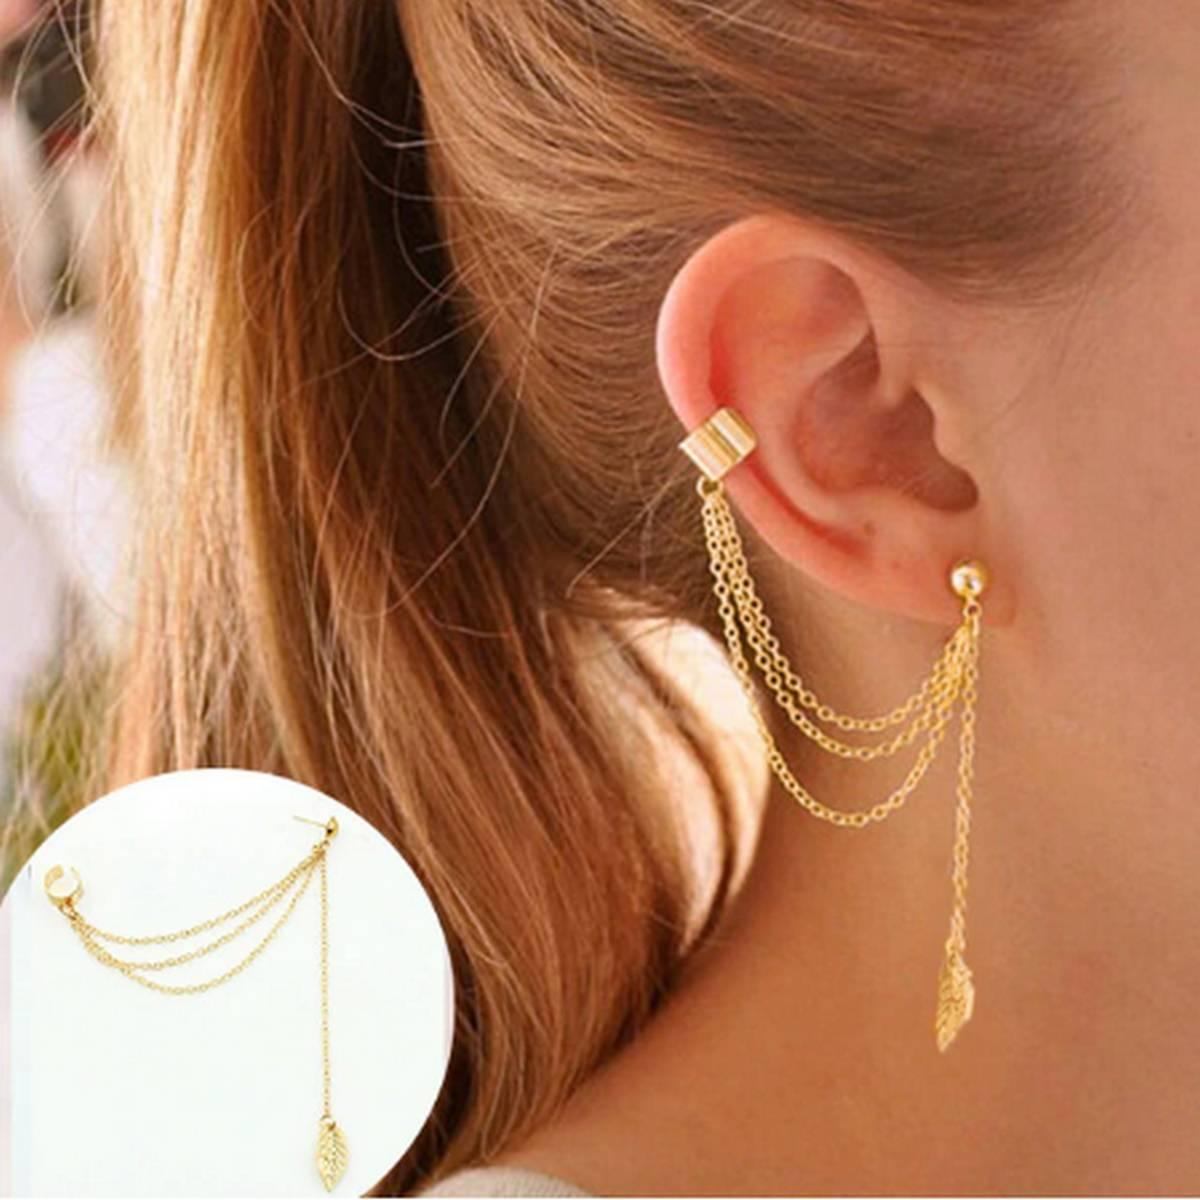 Fashion Novelty Unusual Metal Tassel Flower Leaf Stud Ear Cuff Clip On Earrings For Women